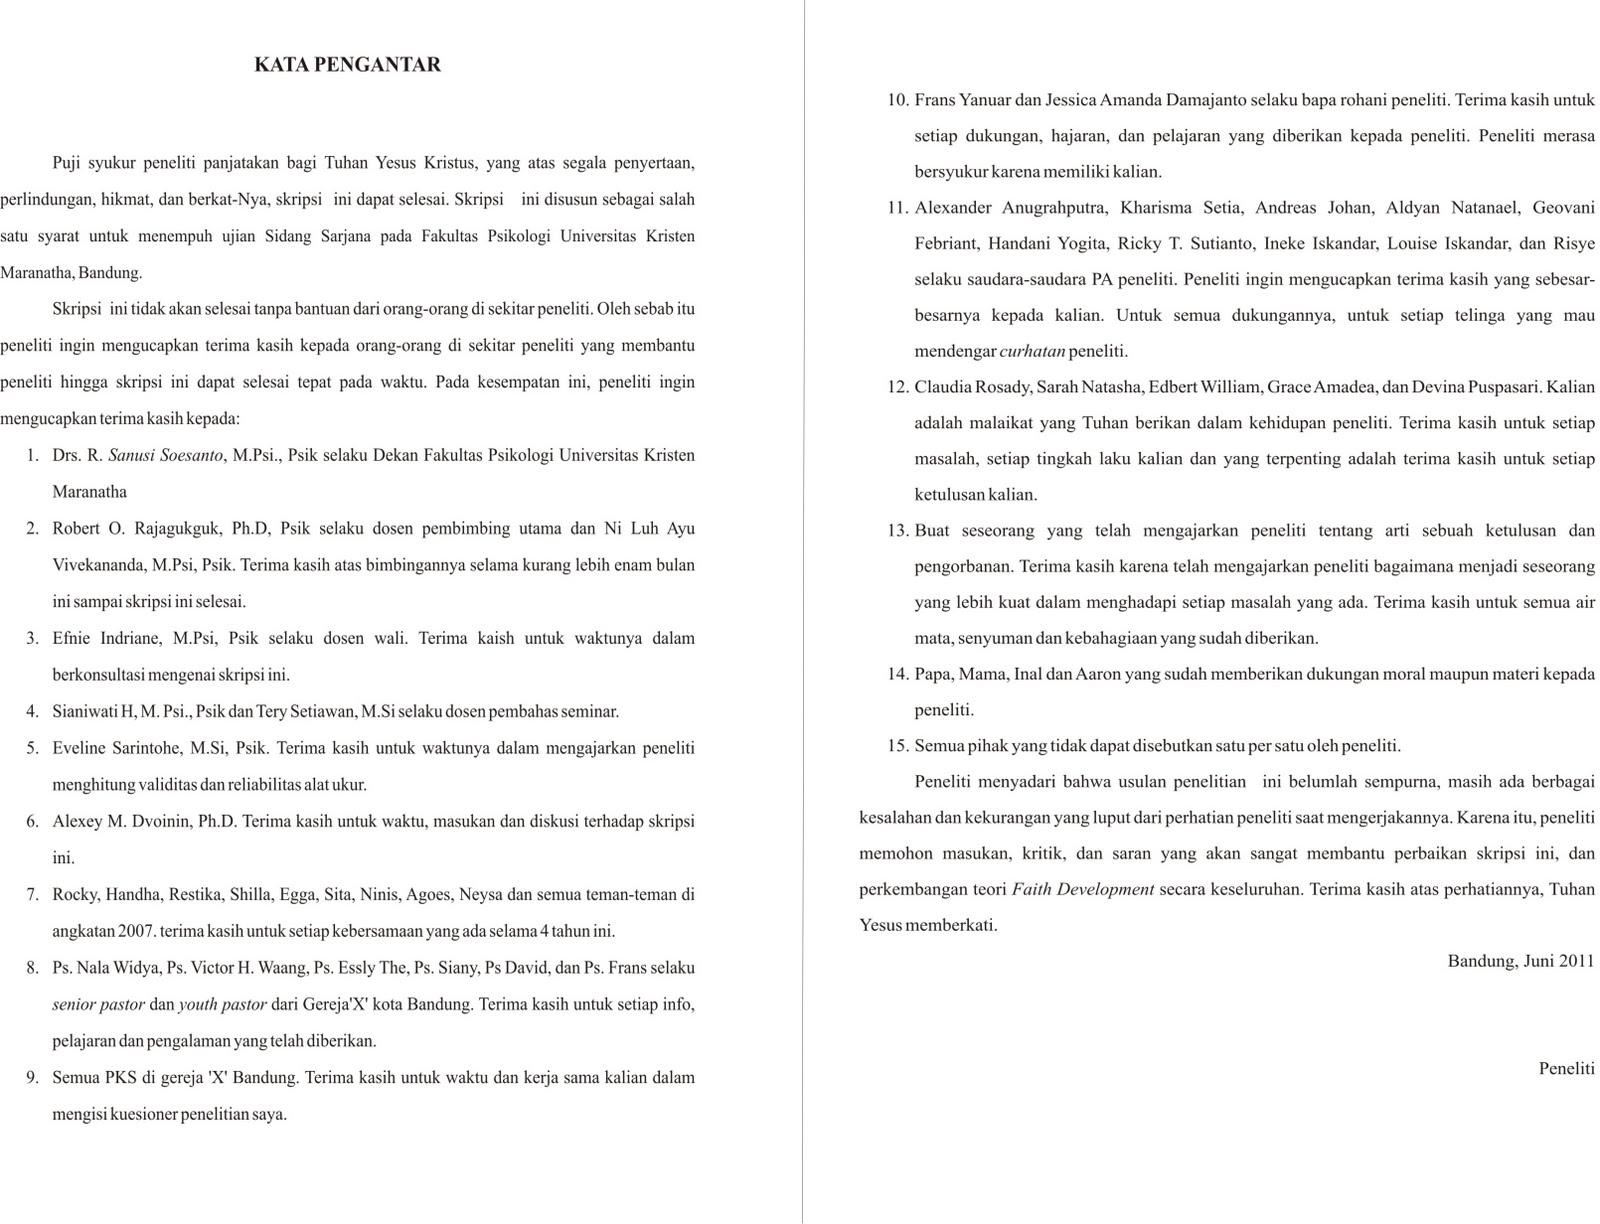 Contoh Kata Pengantar Skripsi Akuntansi Contoh Soal2